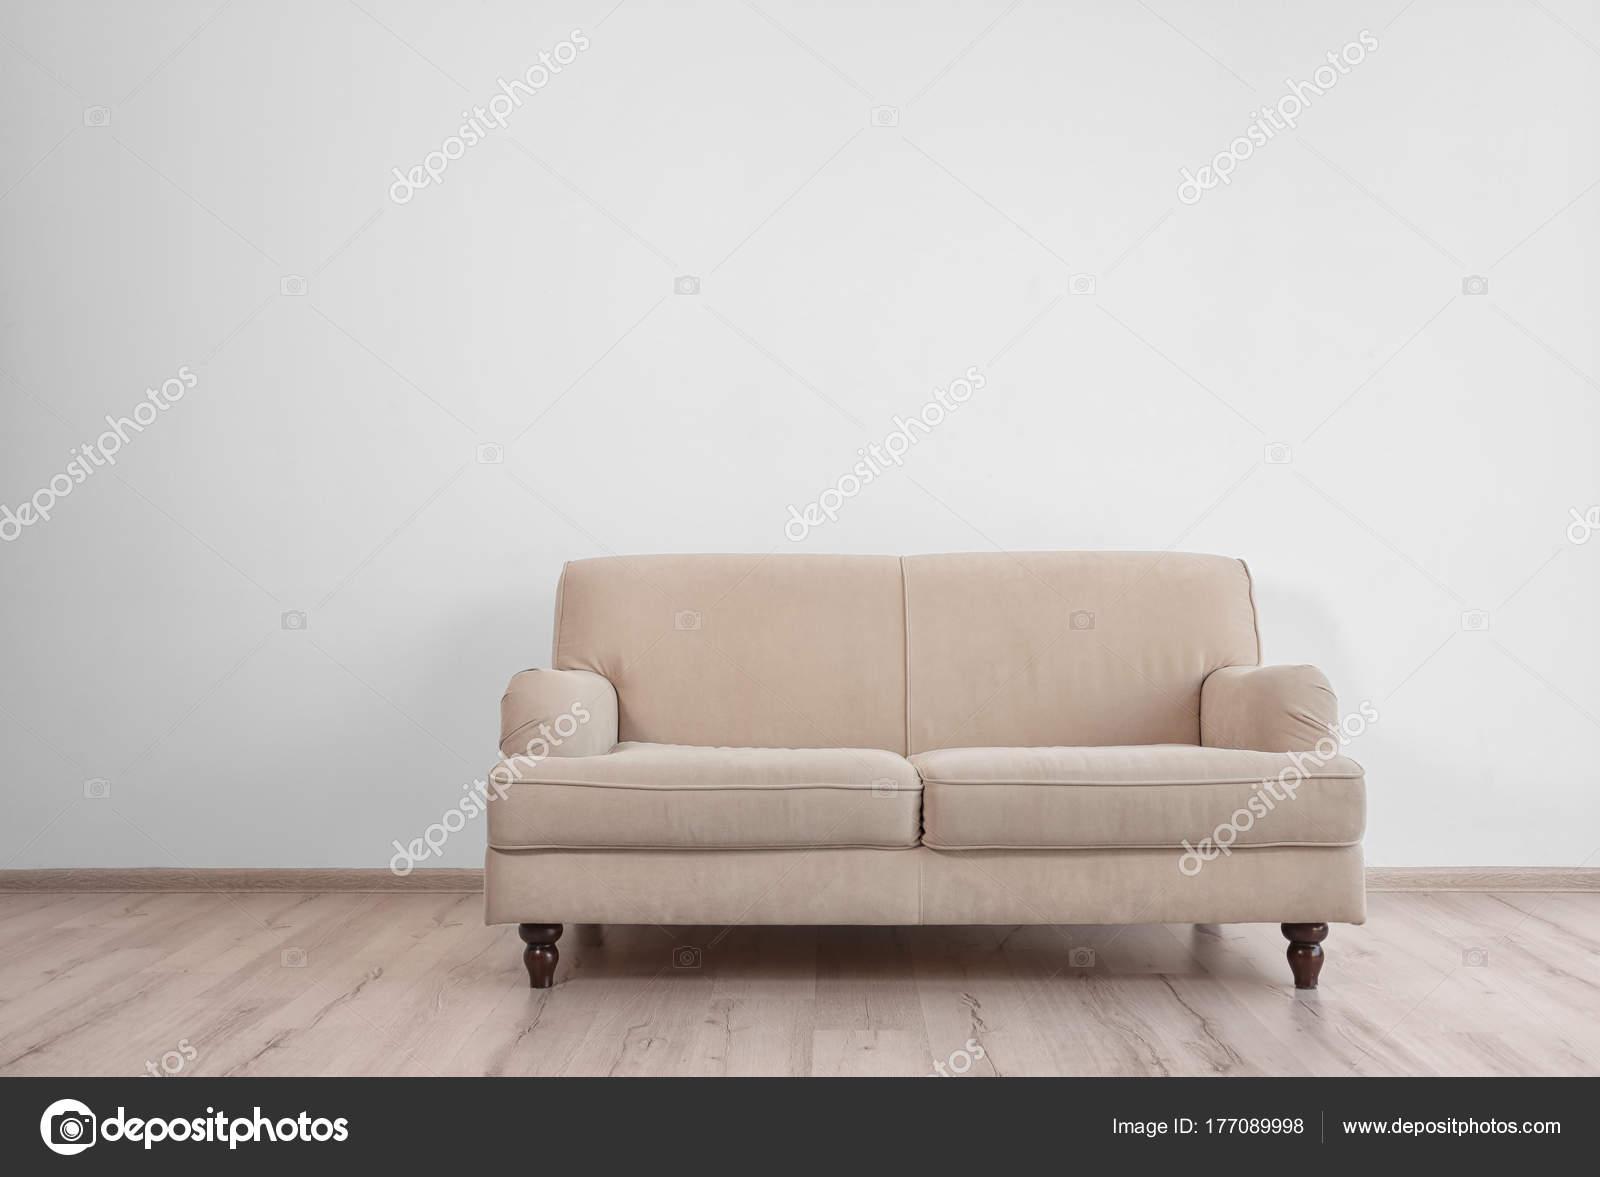 Stilvolle Sofa Auf Weiße Wand Hintergrund U2014 Stockfoto